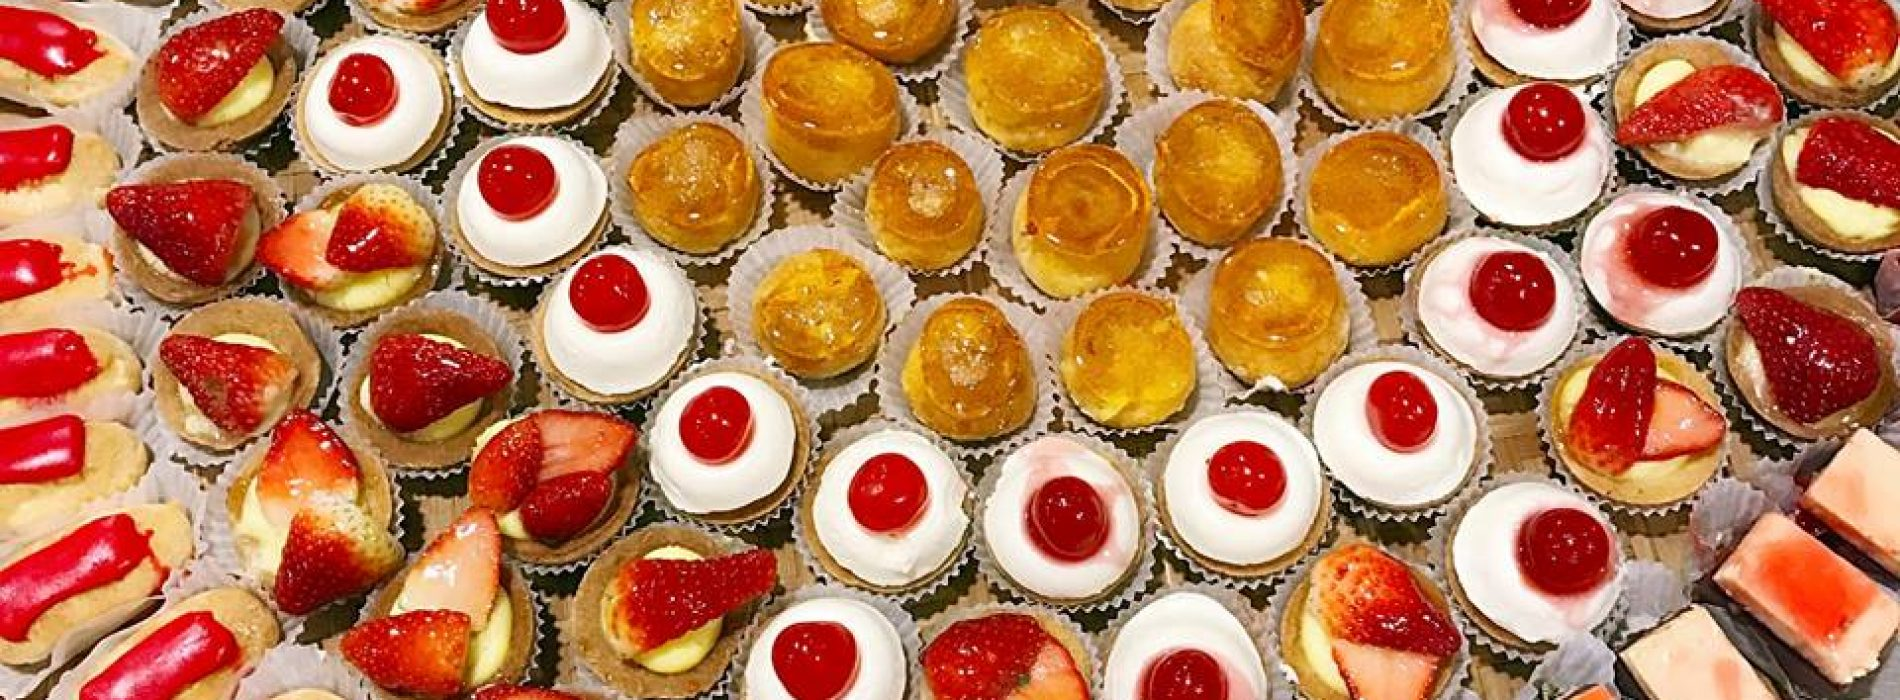 Le migliori pasticcerie di Firenze, dieci indirizzi per i momenti più dolci della giornata